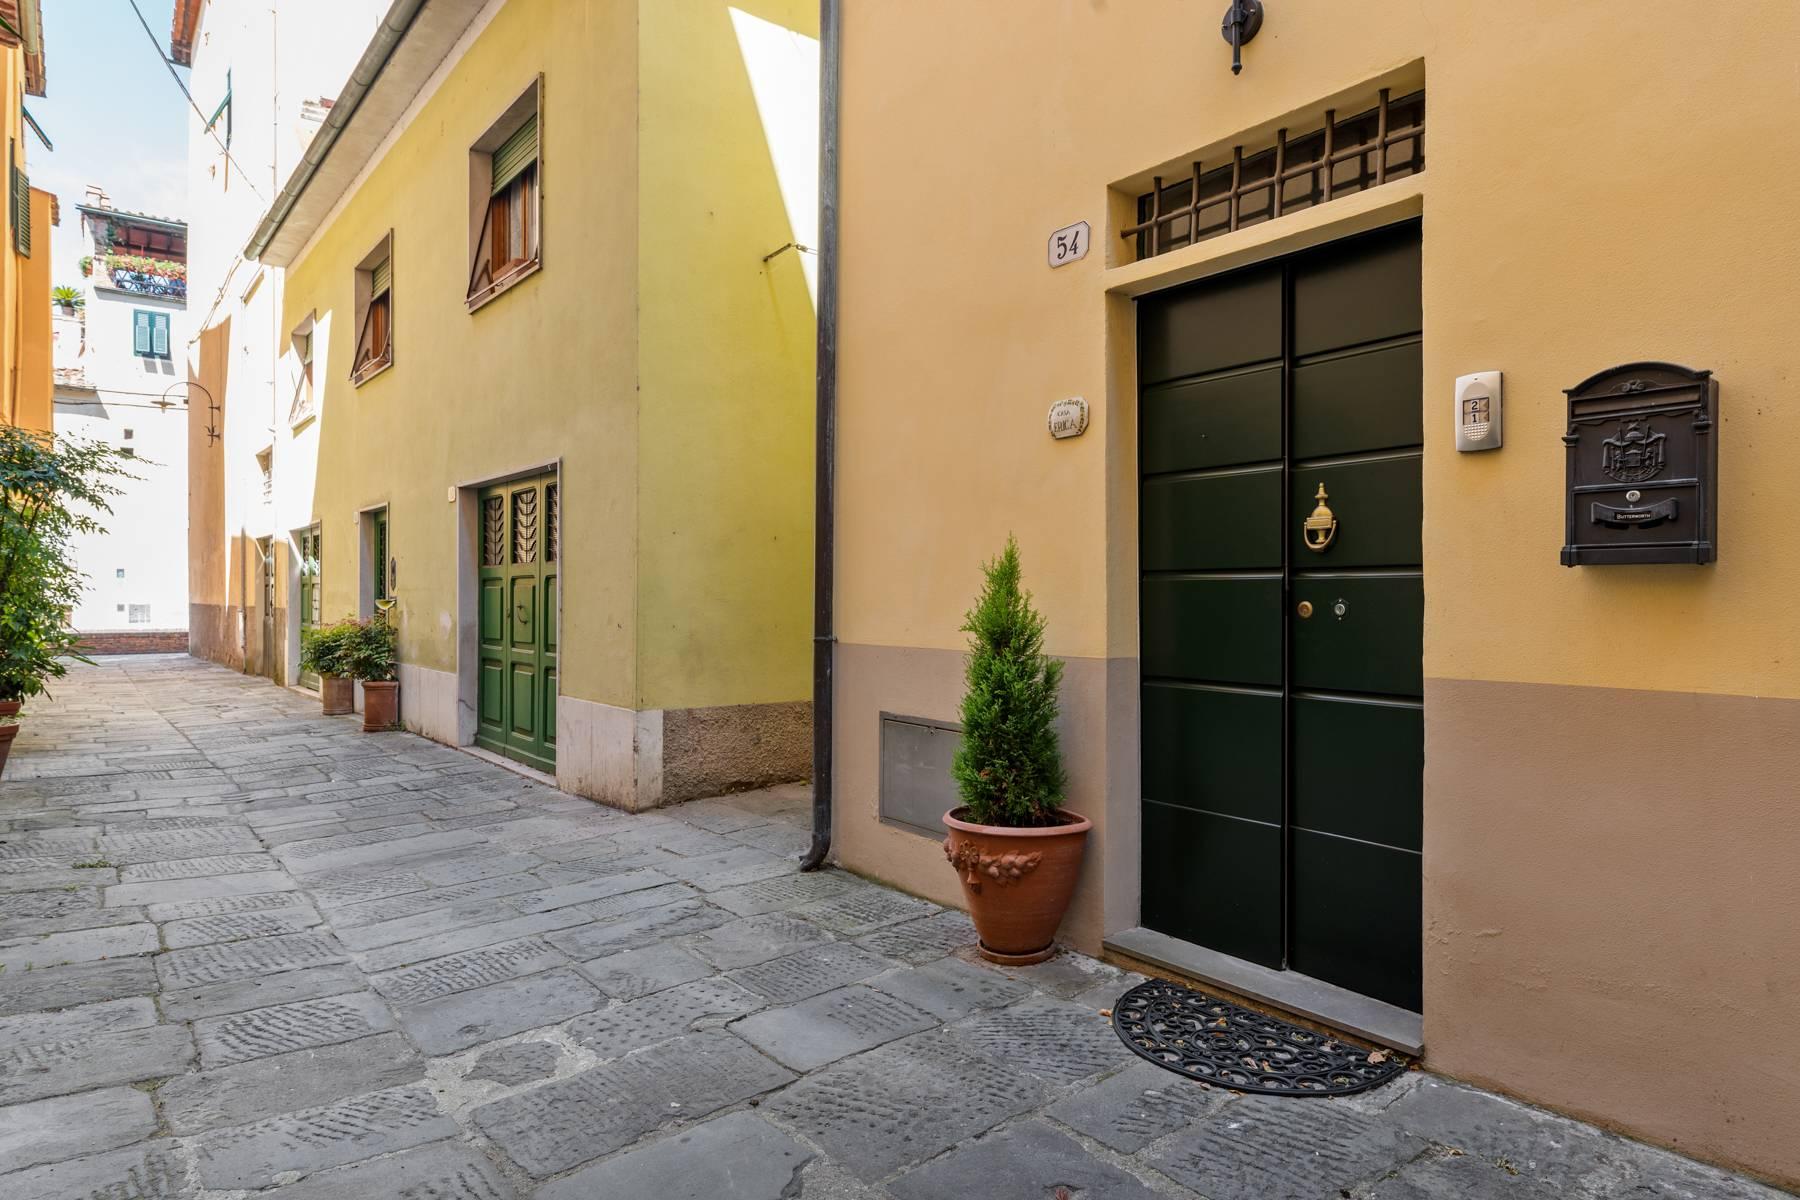 Appartamento in Vendita a Lucca: 4 locali, 120 mq - Foto 18